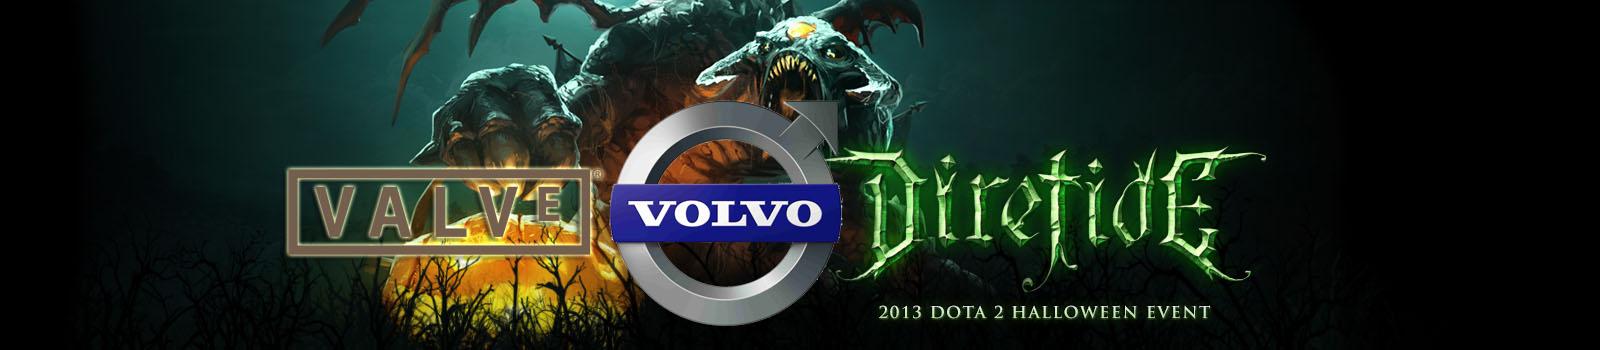 Photo of Când Valve a devenit Volvo pentru o lună